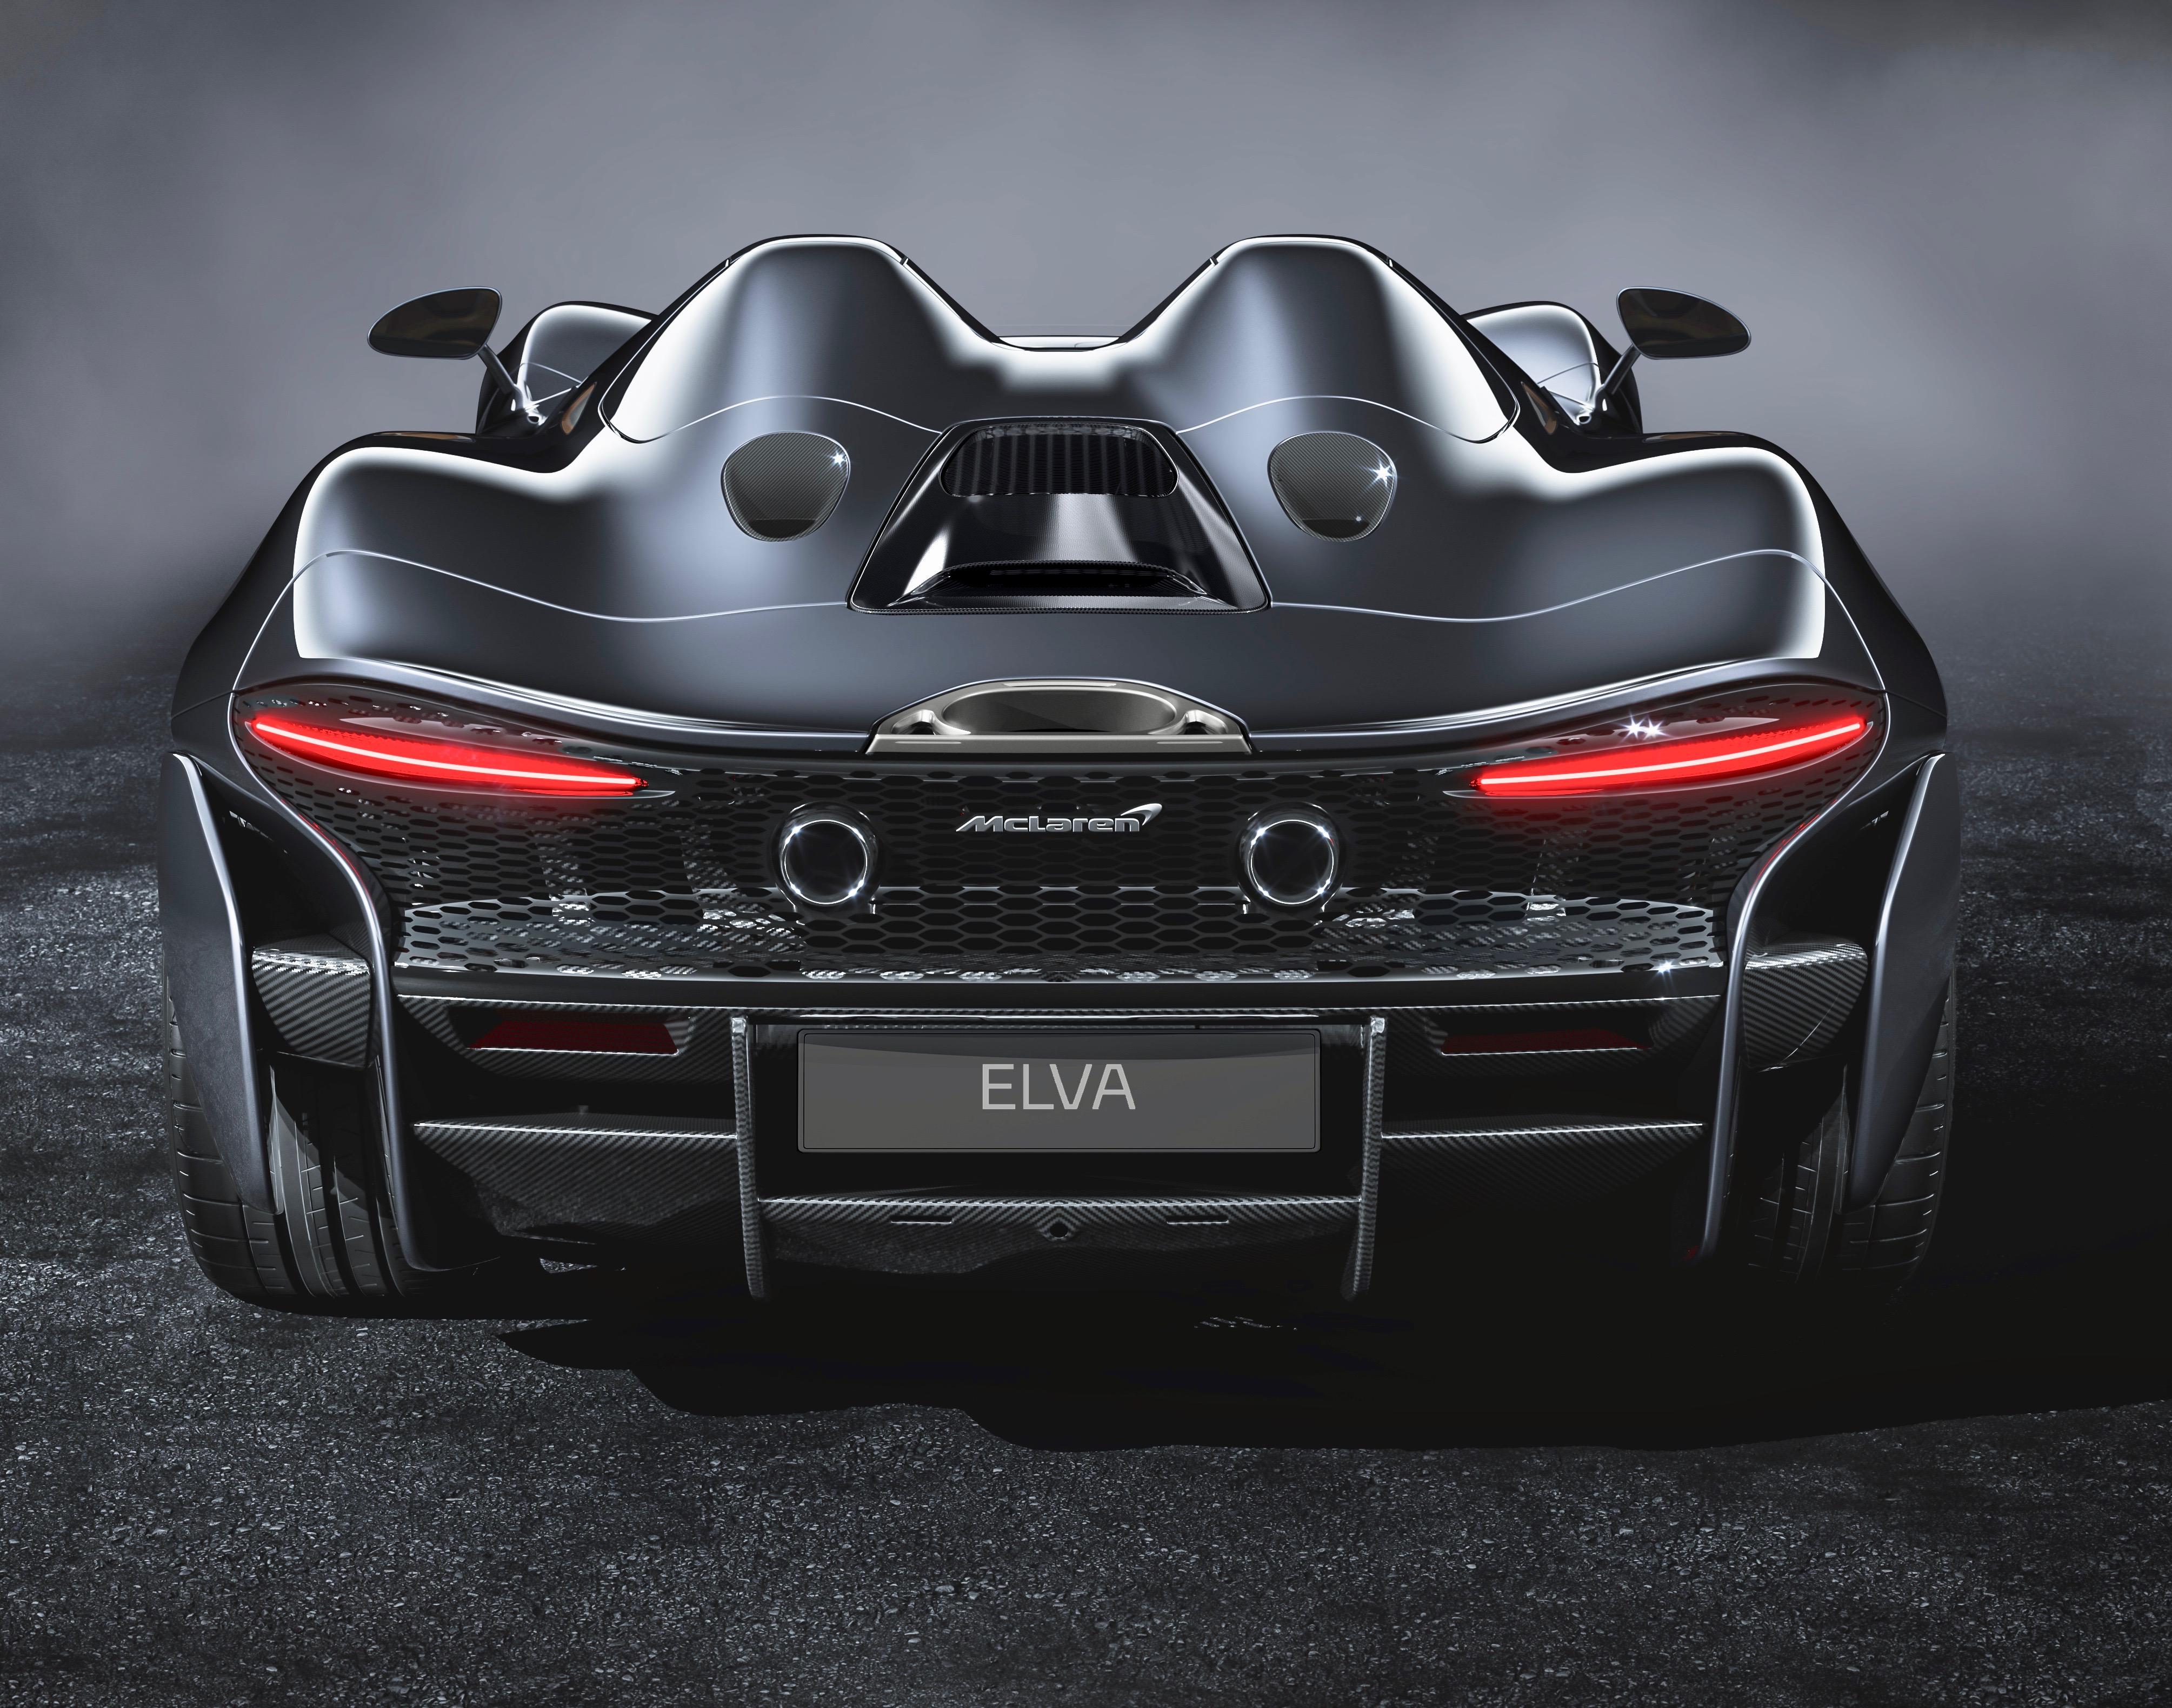 McLaren, McLaren rekindles Elva nameplate with new roadster, ClassicCars.com Journal